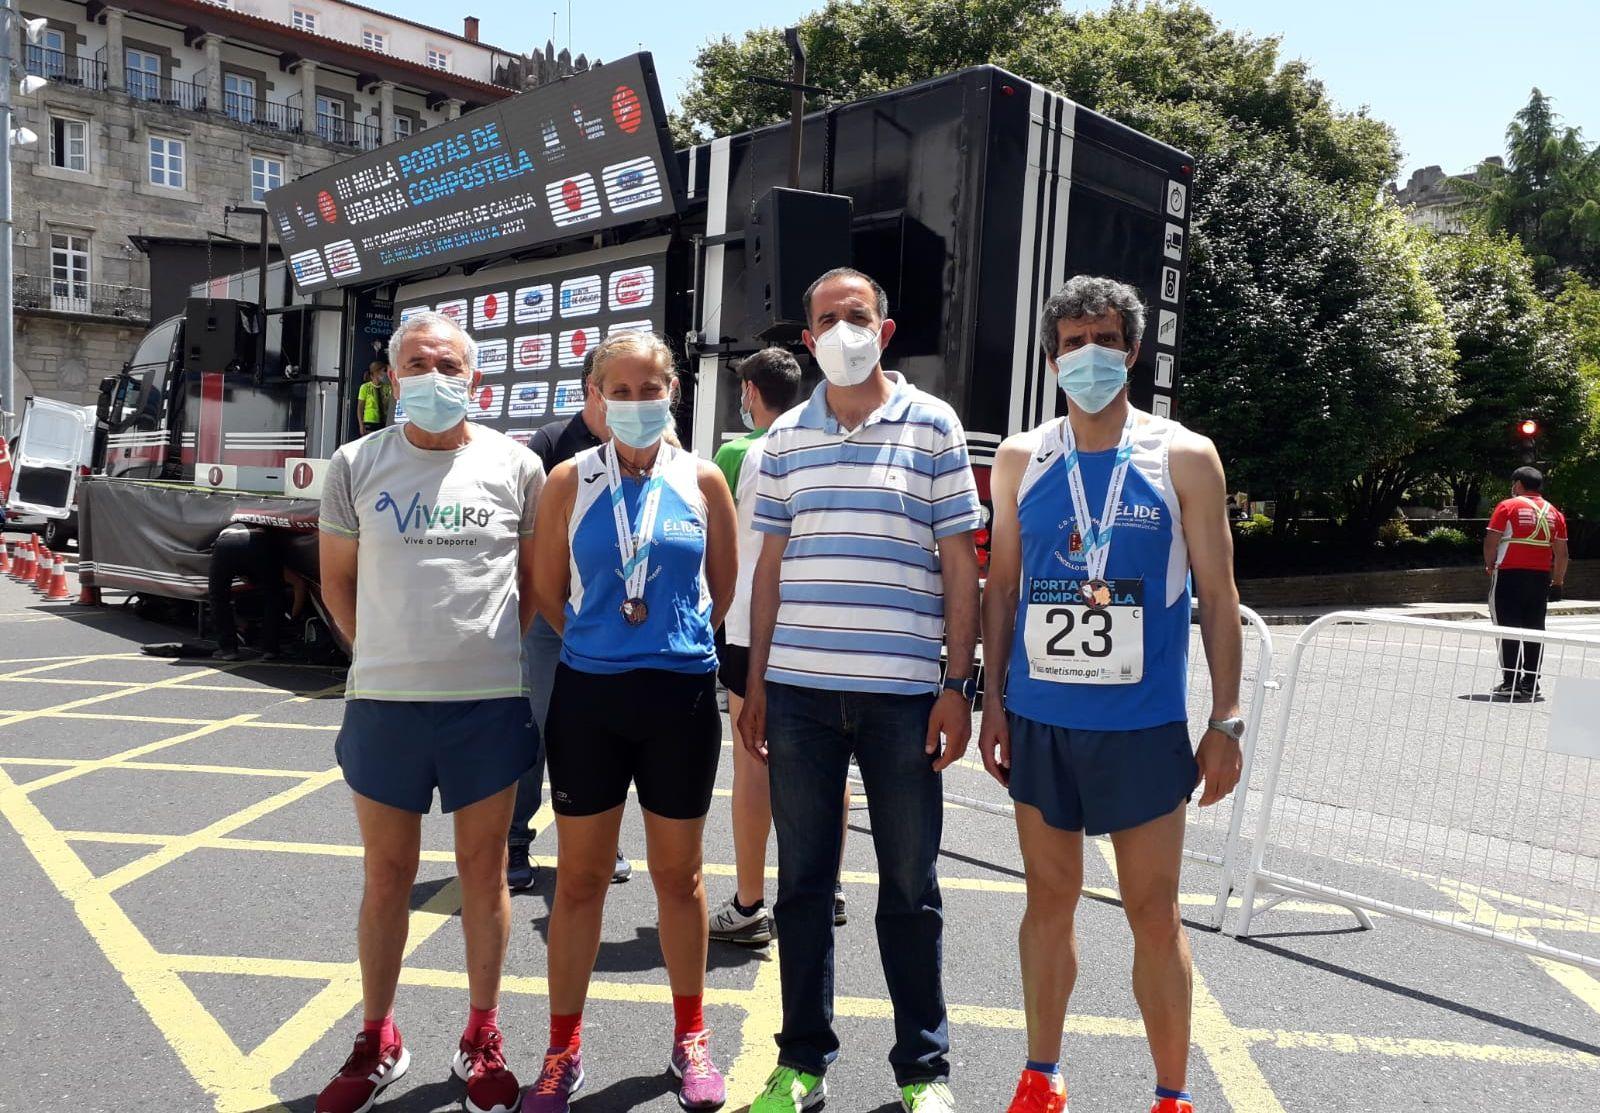 Dúas medallas de prata e dúas dos atletas do C.D. Egovarros-Viveiro no Campionato Galego de milla de categoría Máster